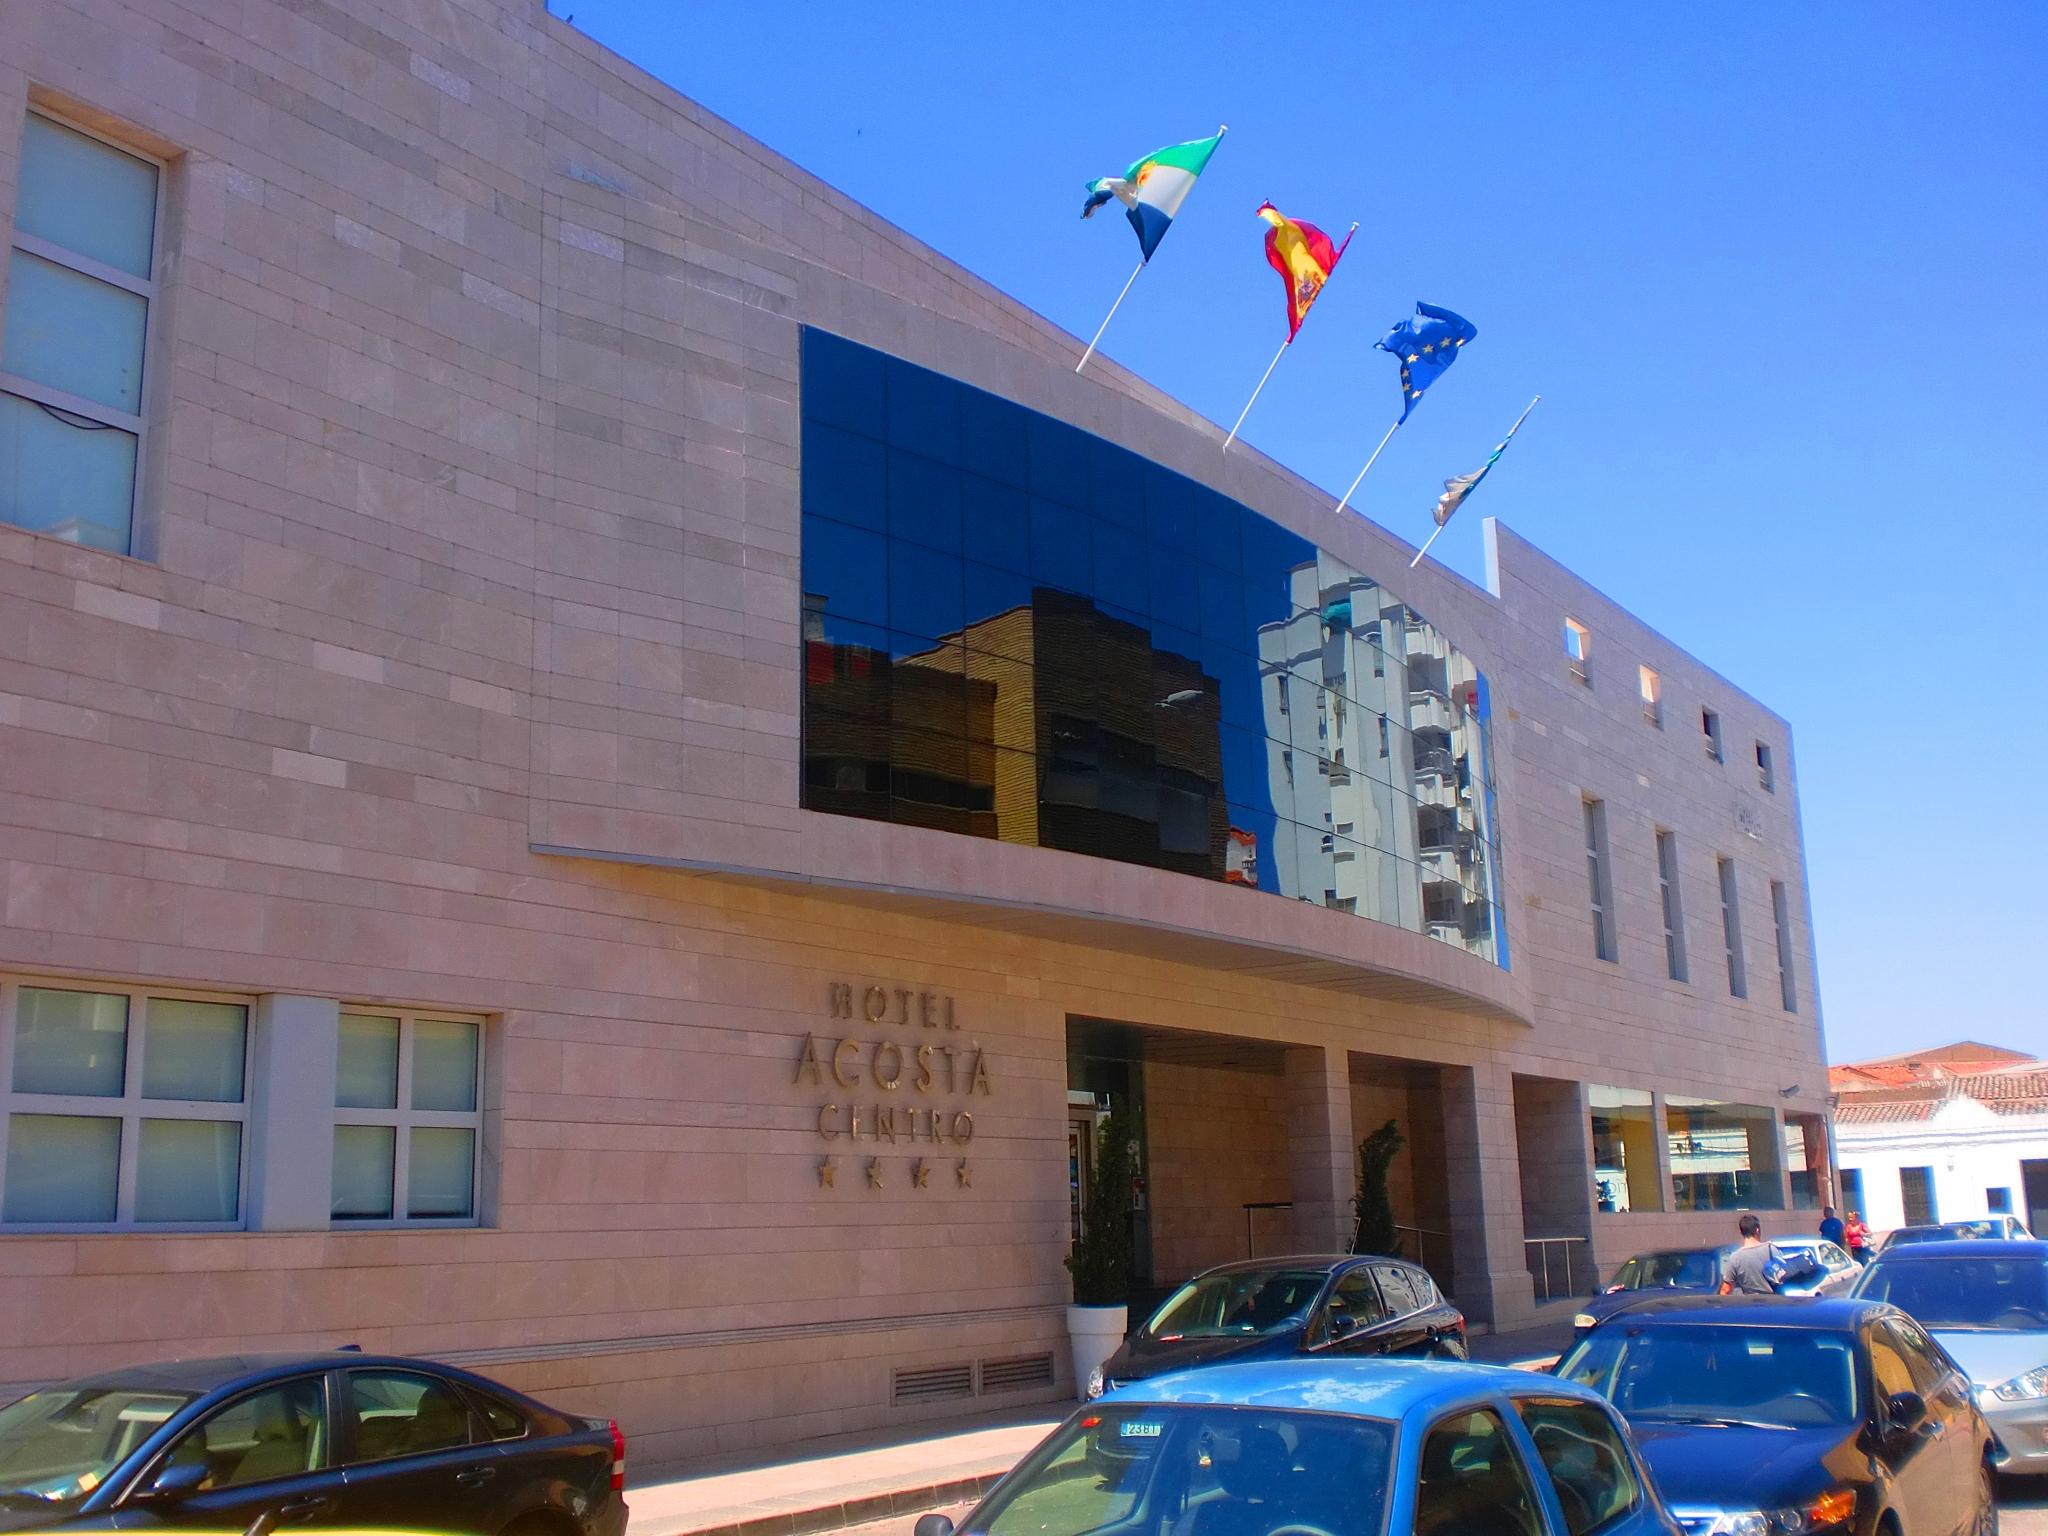 HOTEL ALMENDRALEJO ACOSTA CENTRO